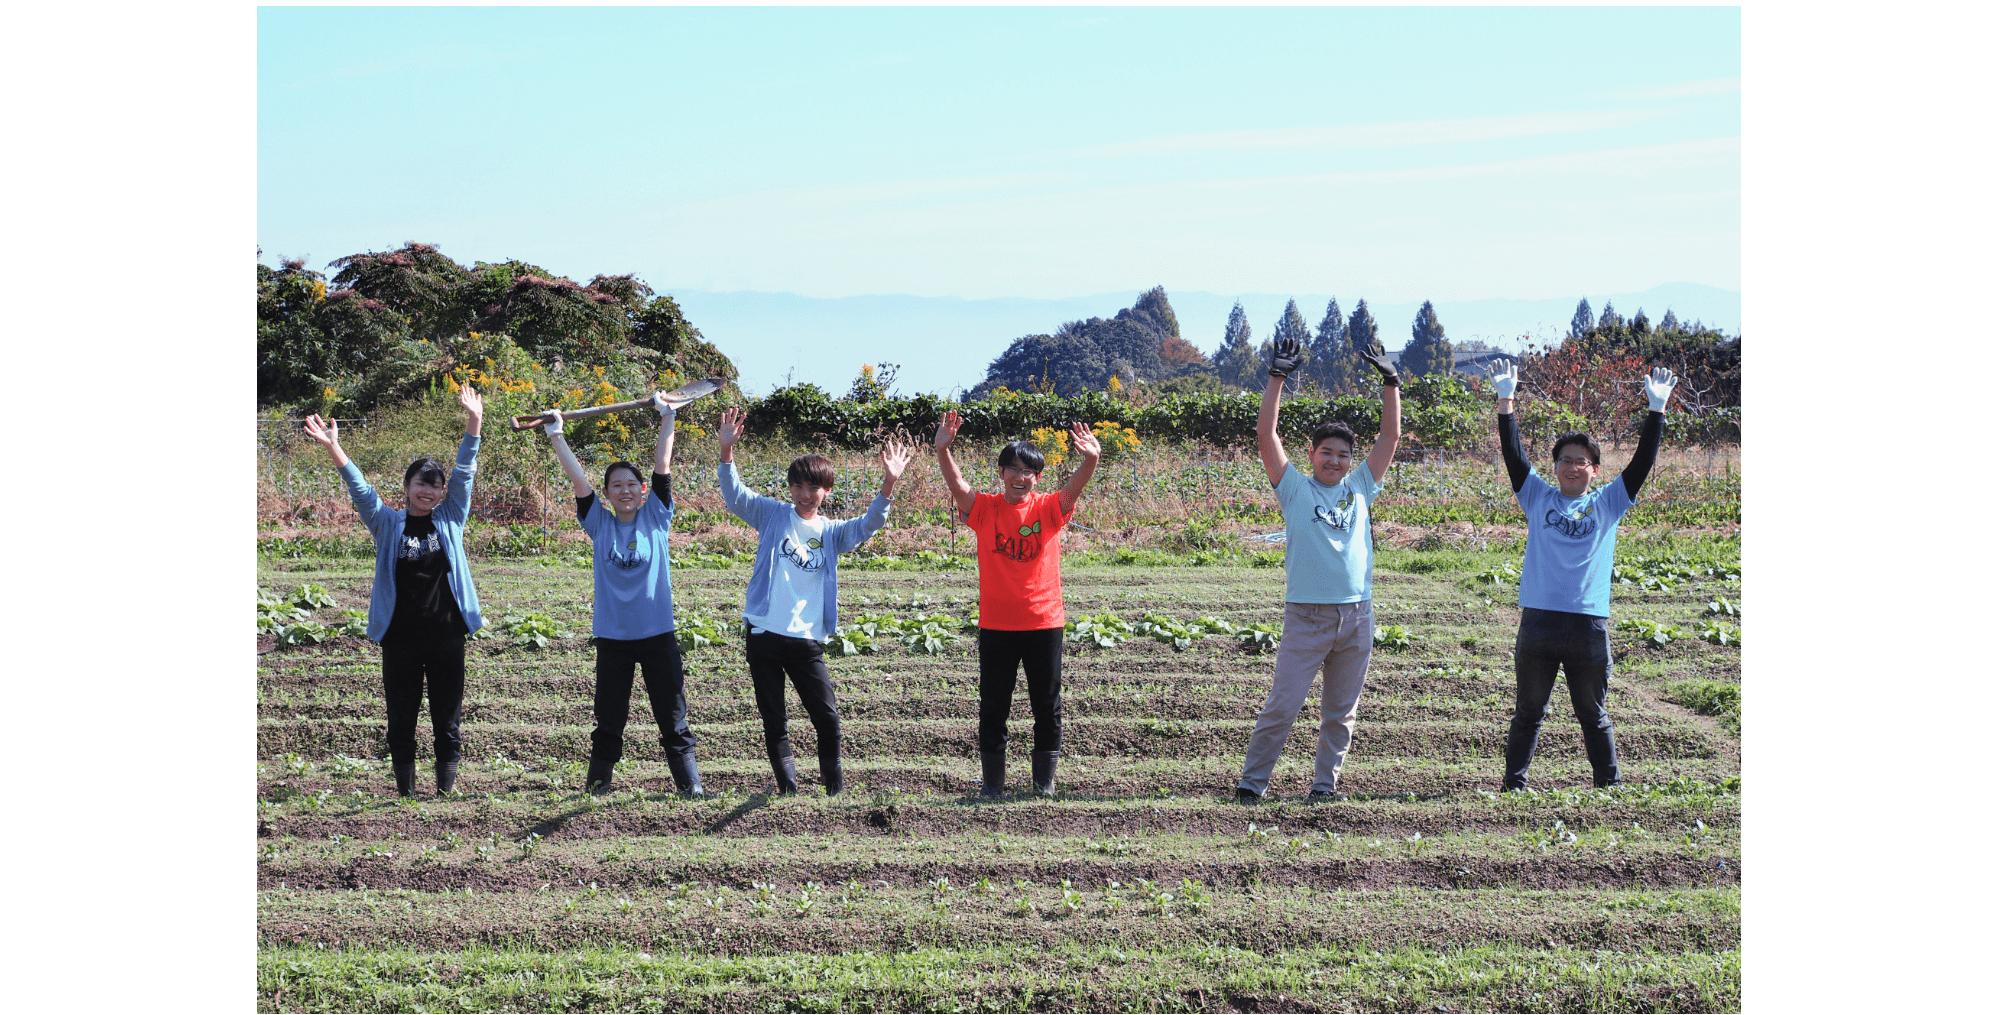 天王寺ミオの社員が野菜づくりをプチ体験!学生のみなさんに教えてもらいながら、ワイワイ楽しく農業に触れました。